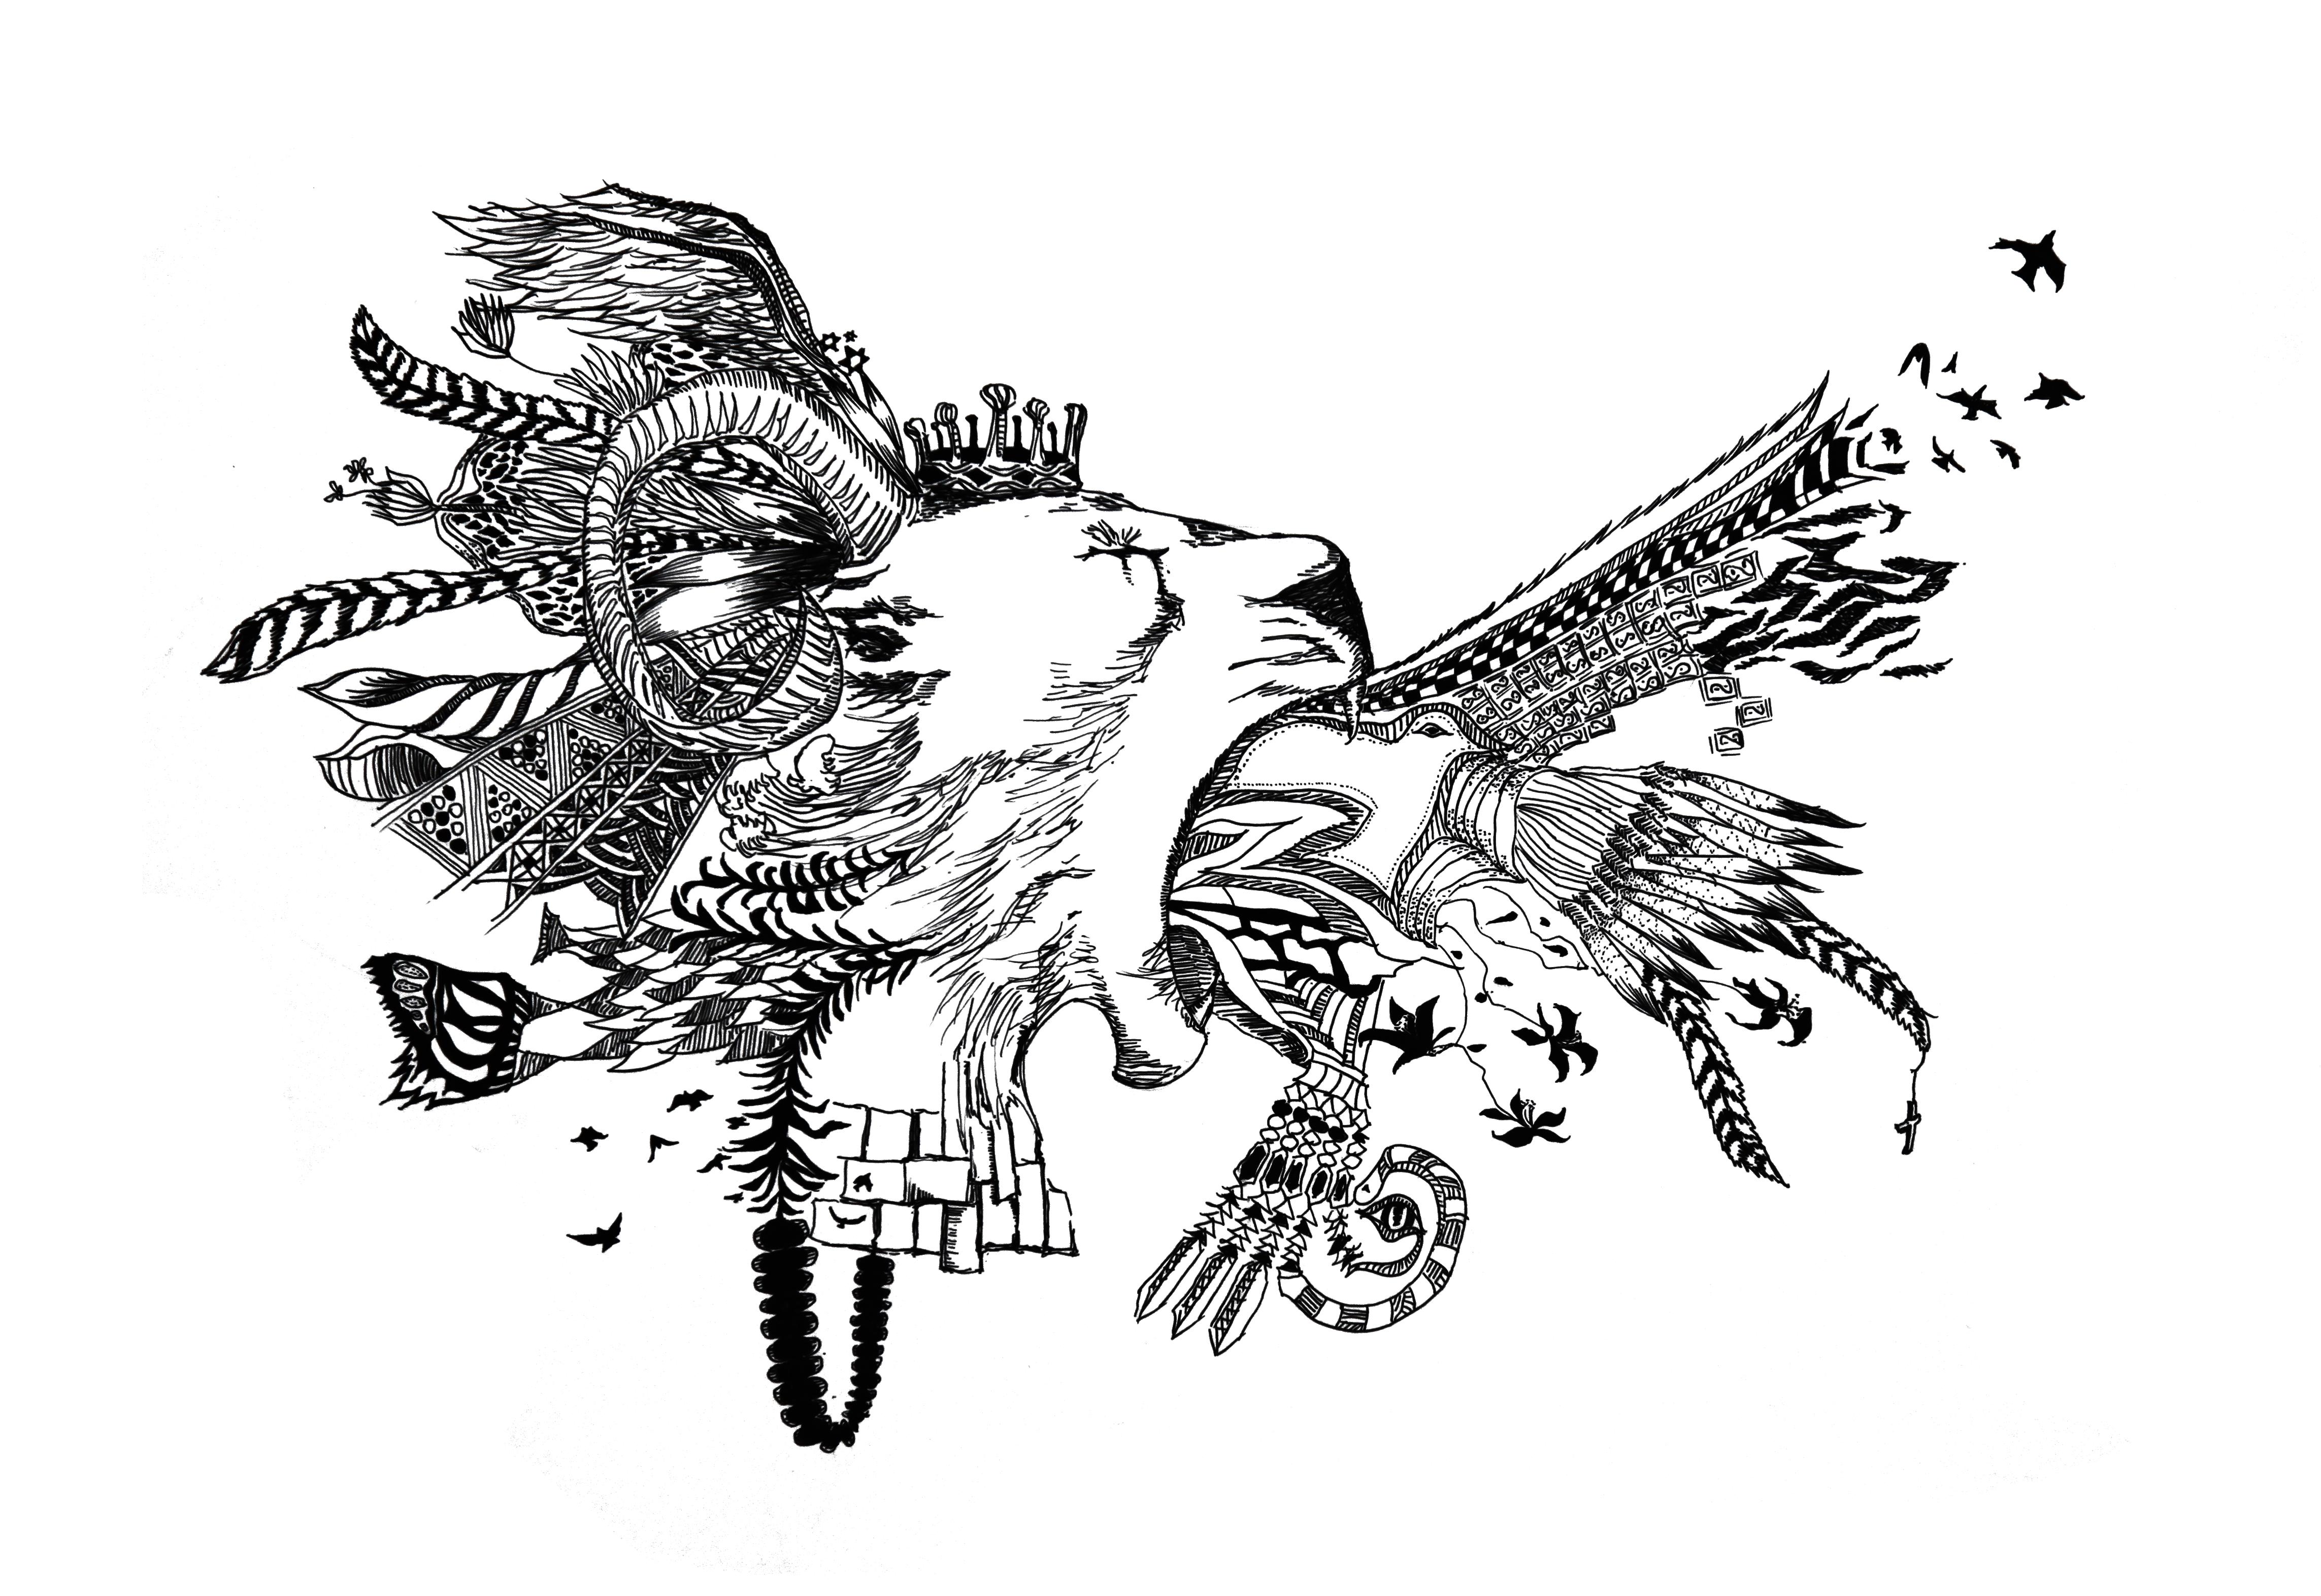 艺术培训 绘画培训 插画培训  图腾插画课程主要以黑白钢笔画为主.